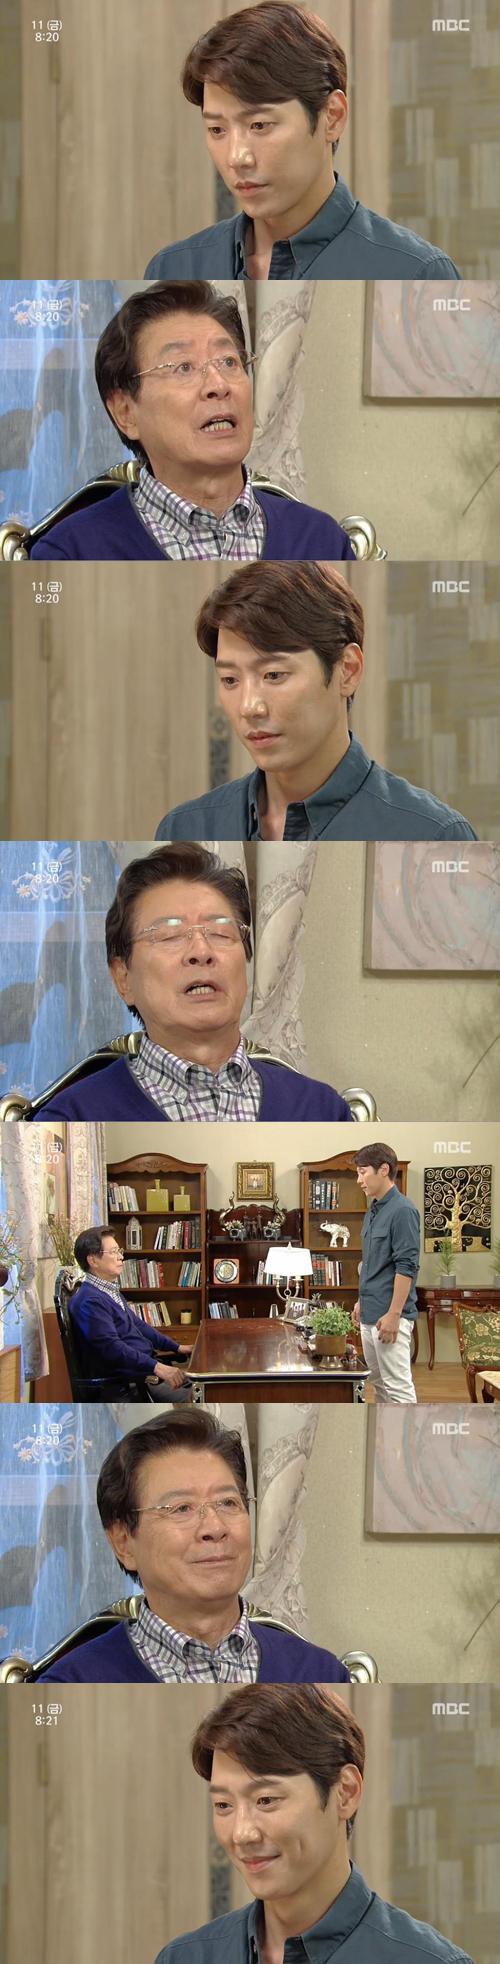 """궁지에 몰린 이정길, 김영훈 신뢰…""""너는 내가 키운놈, 오래보자"""""""